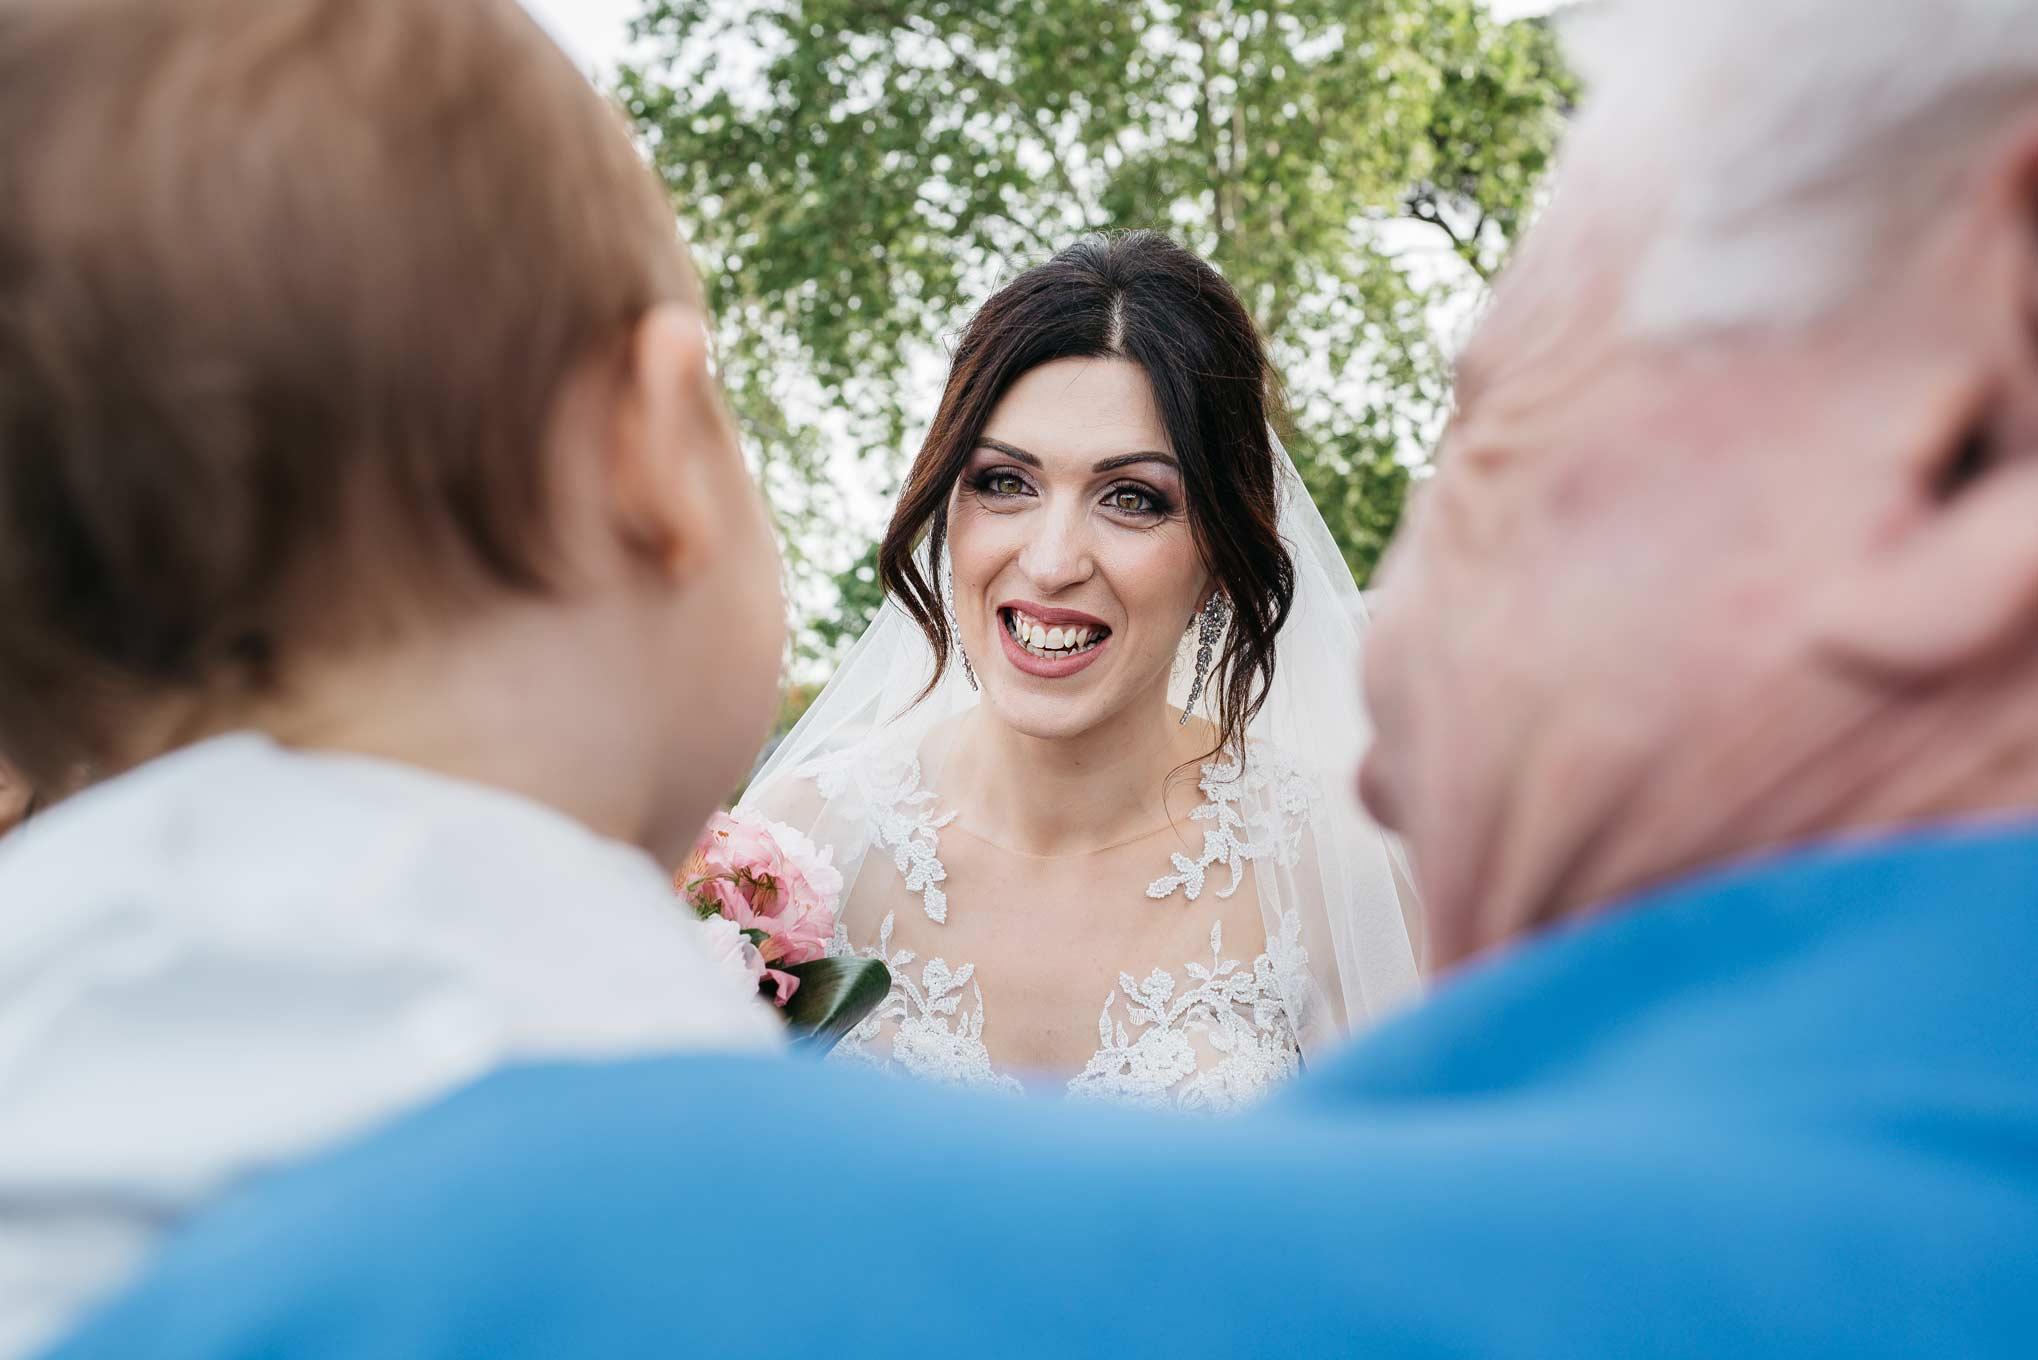 Fotografo-Sposi-Fotografo-Matrimonio-Roma-A&D